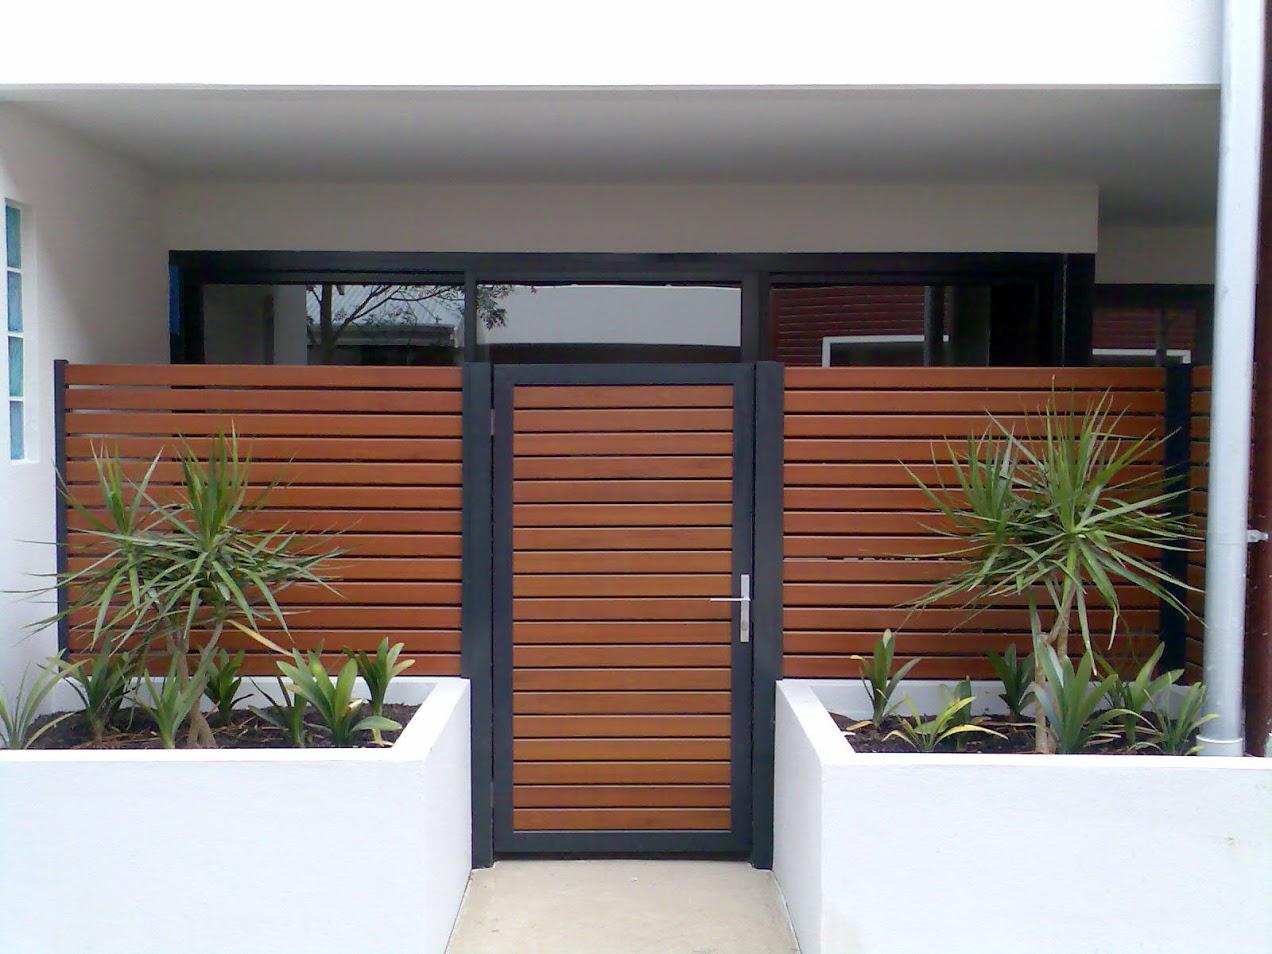 knotwood wrc gate (8)